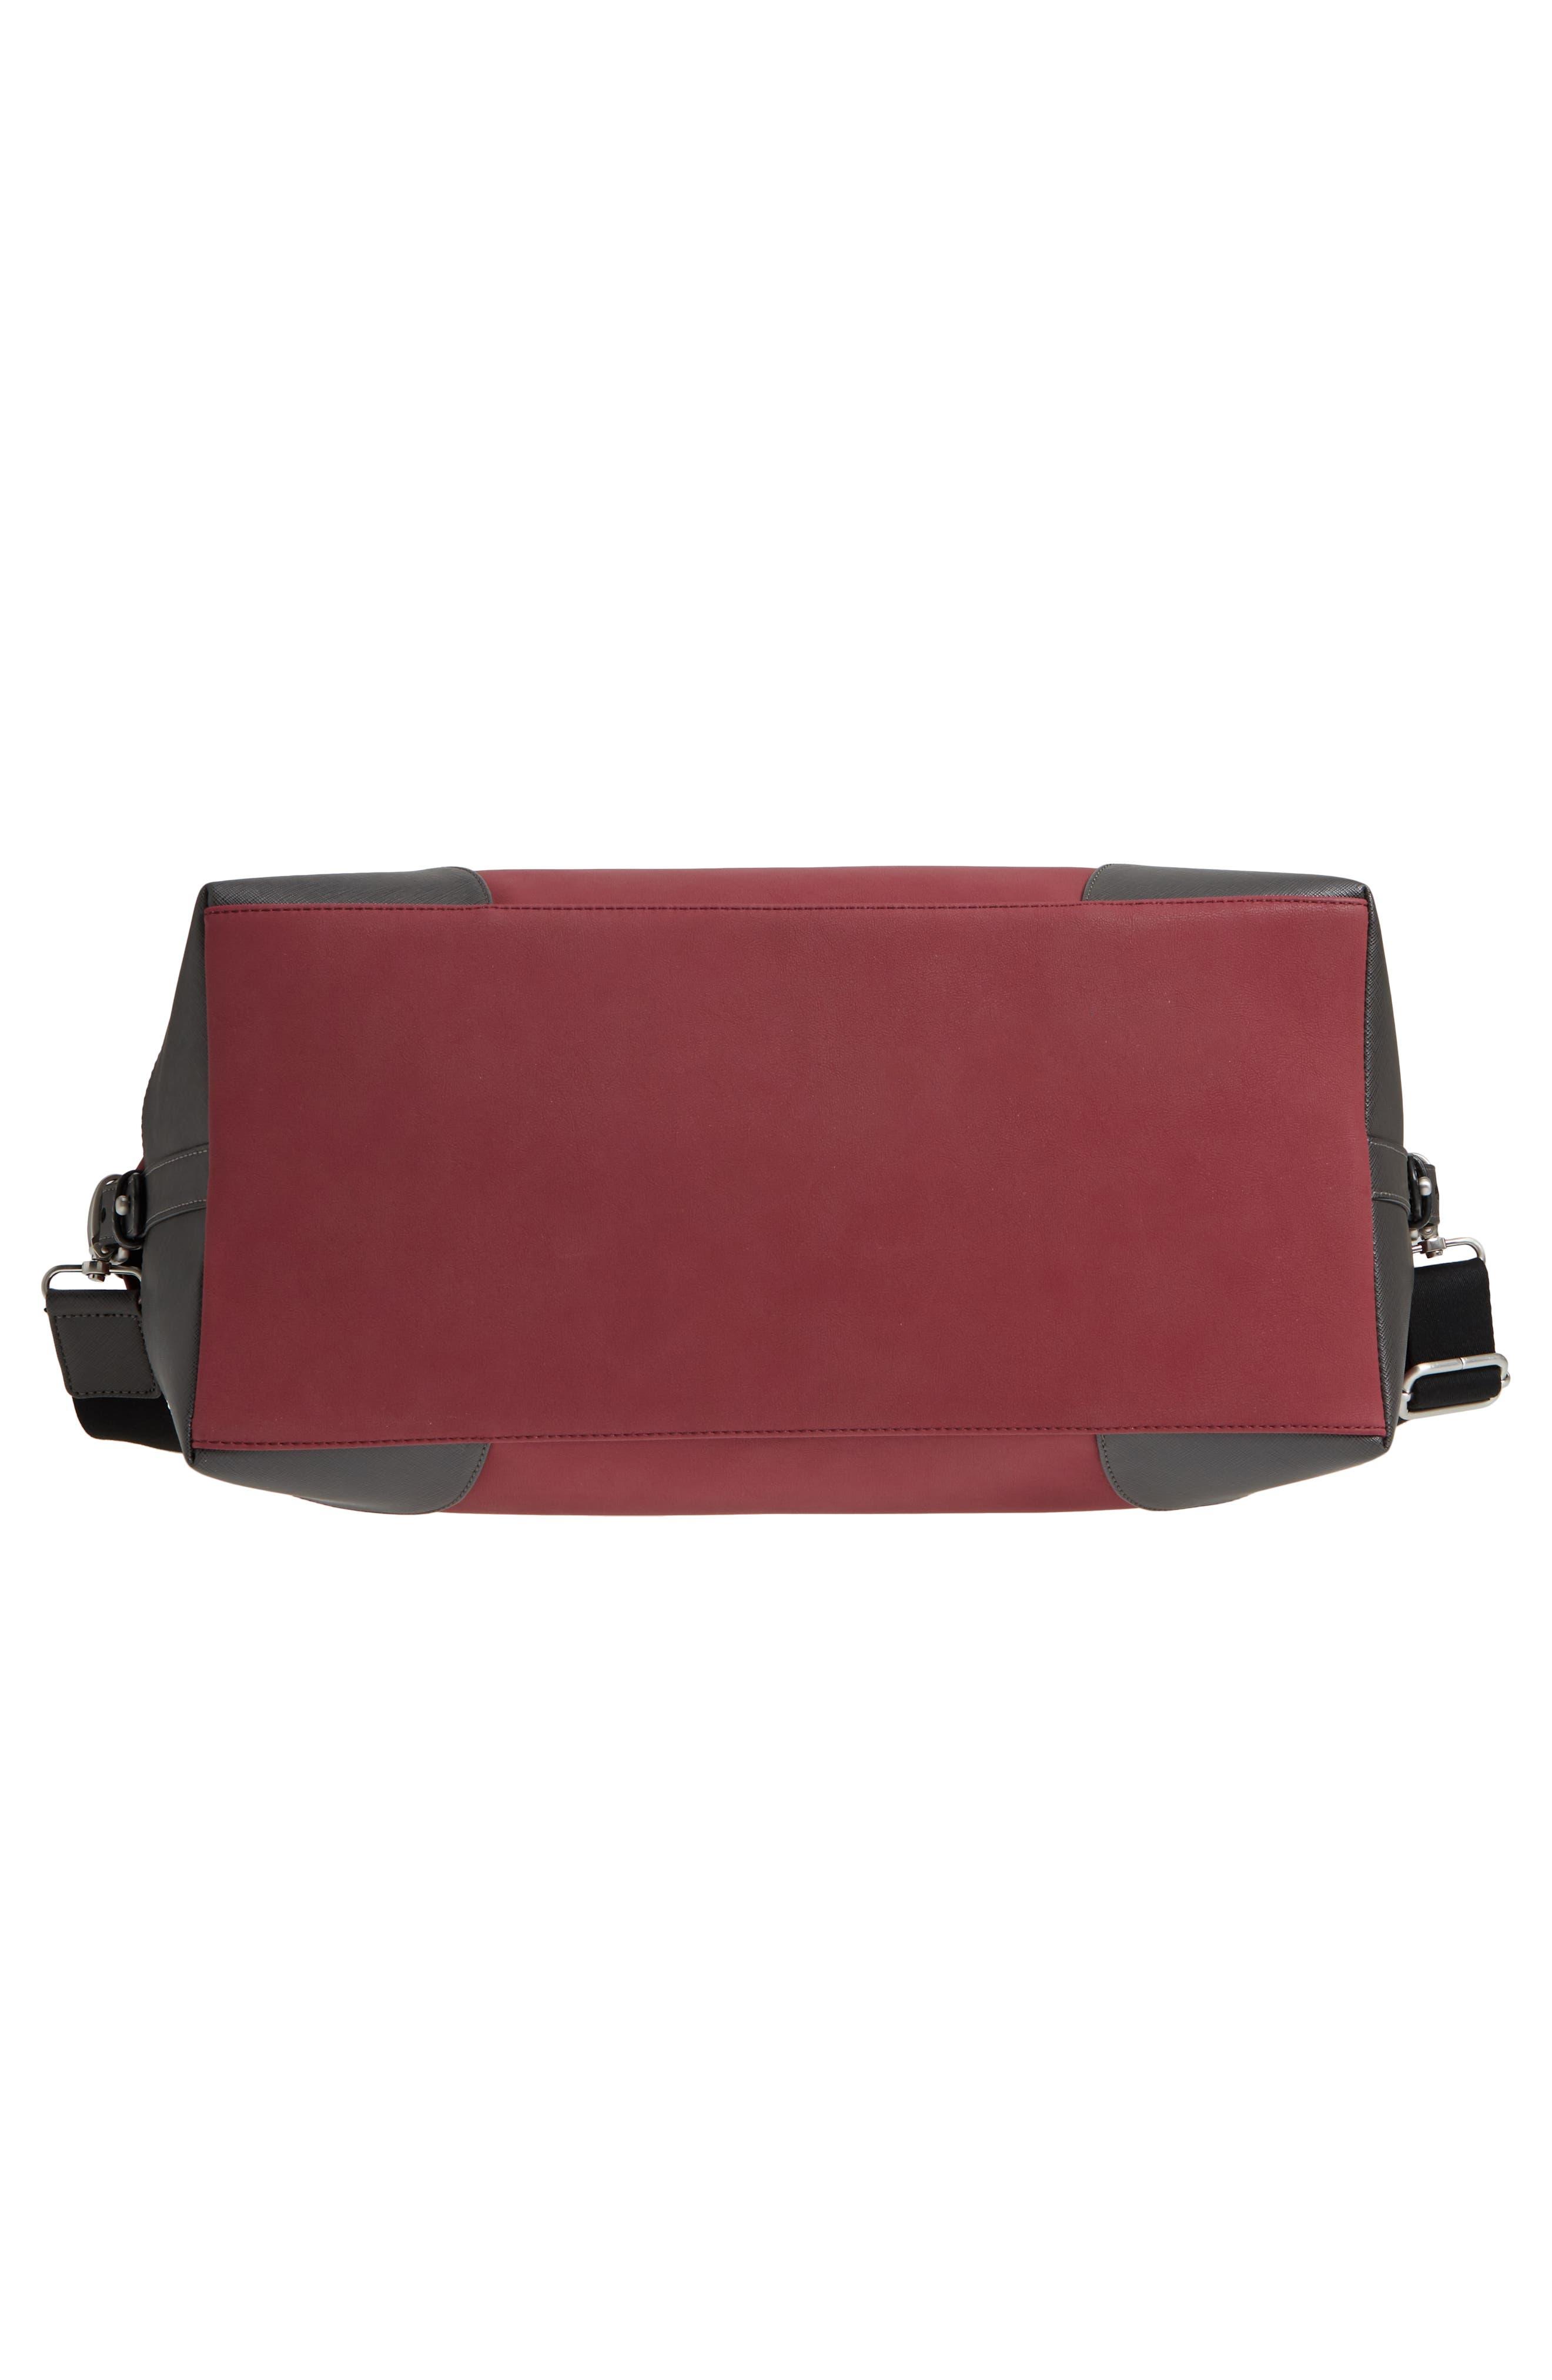 Swipes Duffel Bag,                             Alternate thumbnail 6, color,                             Red